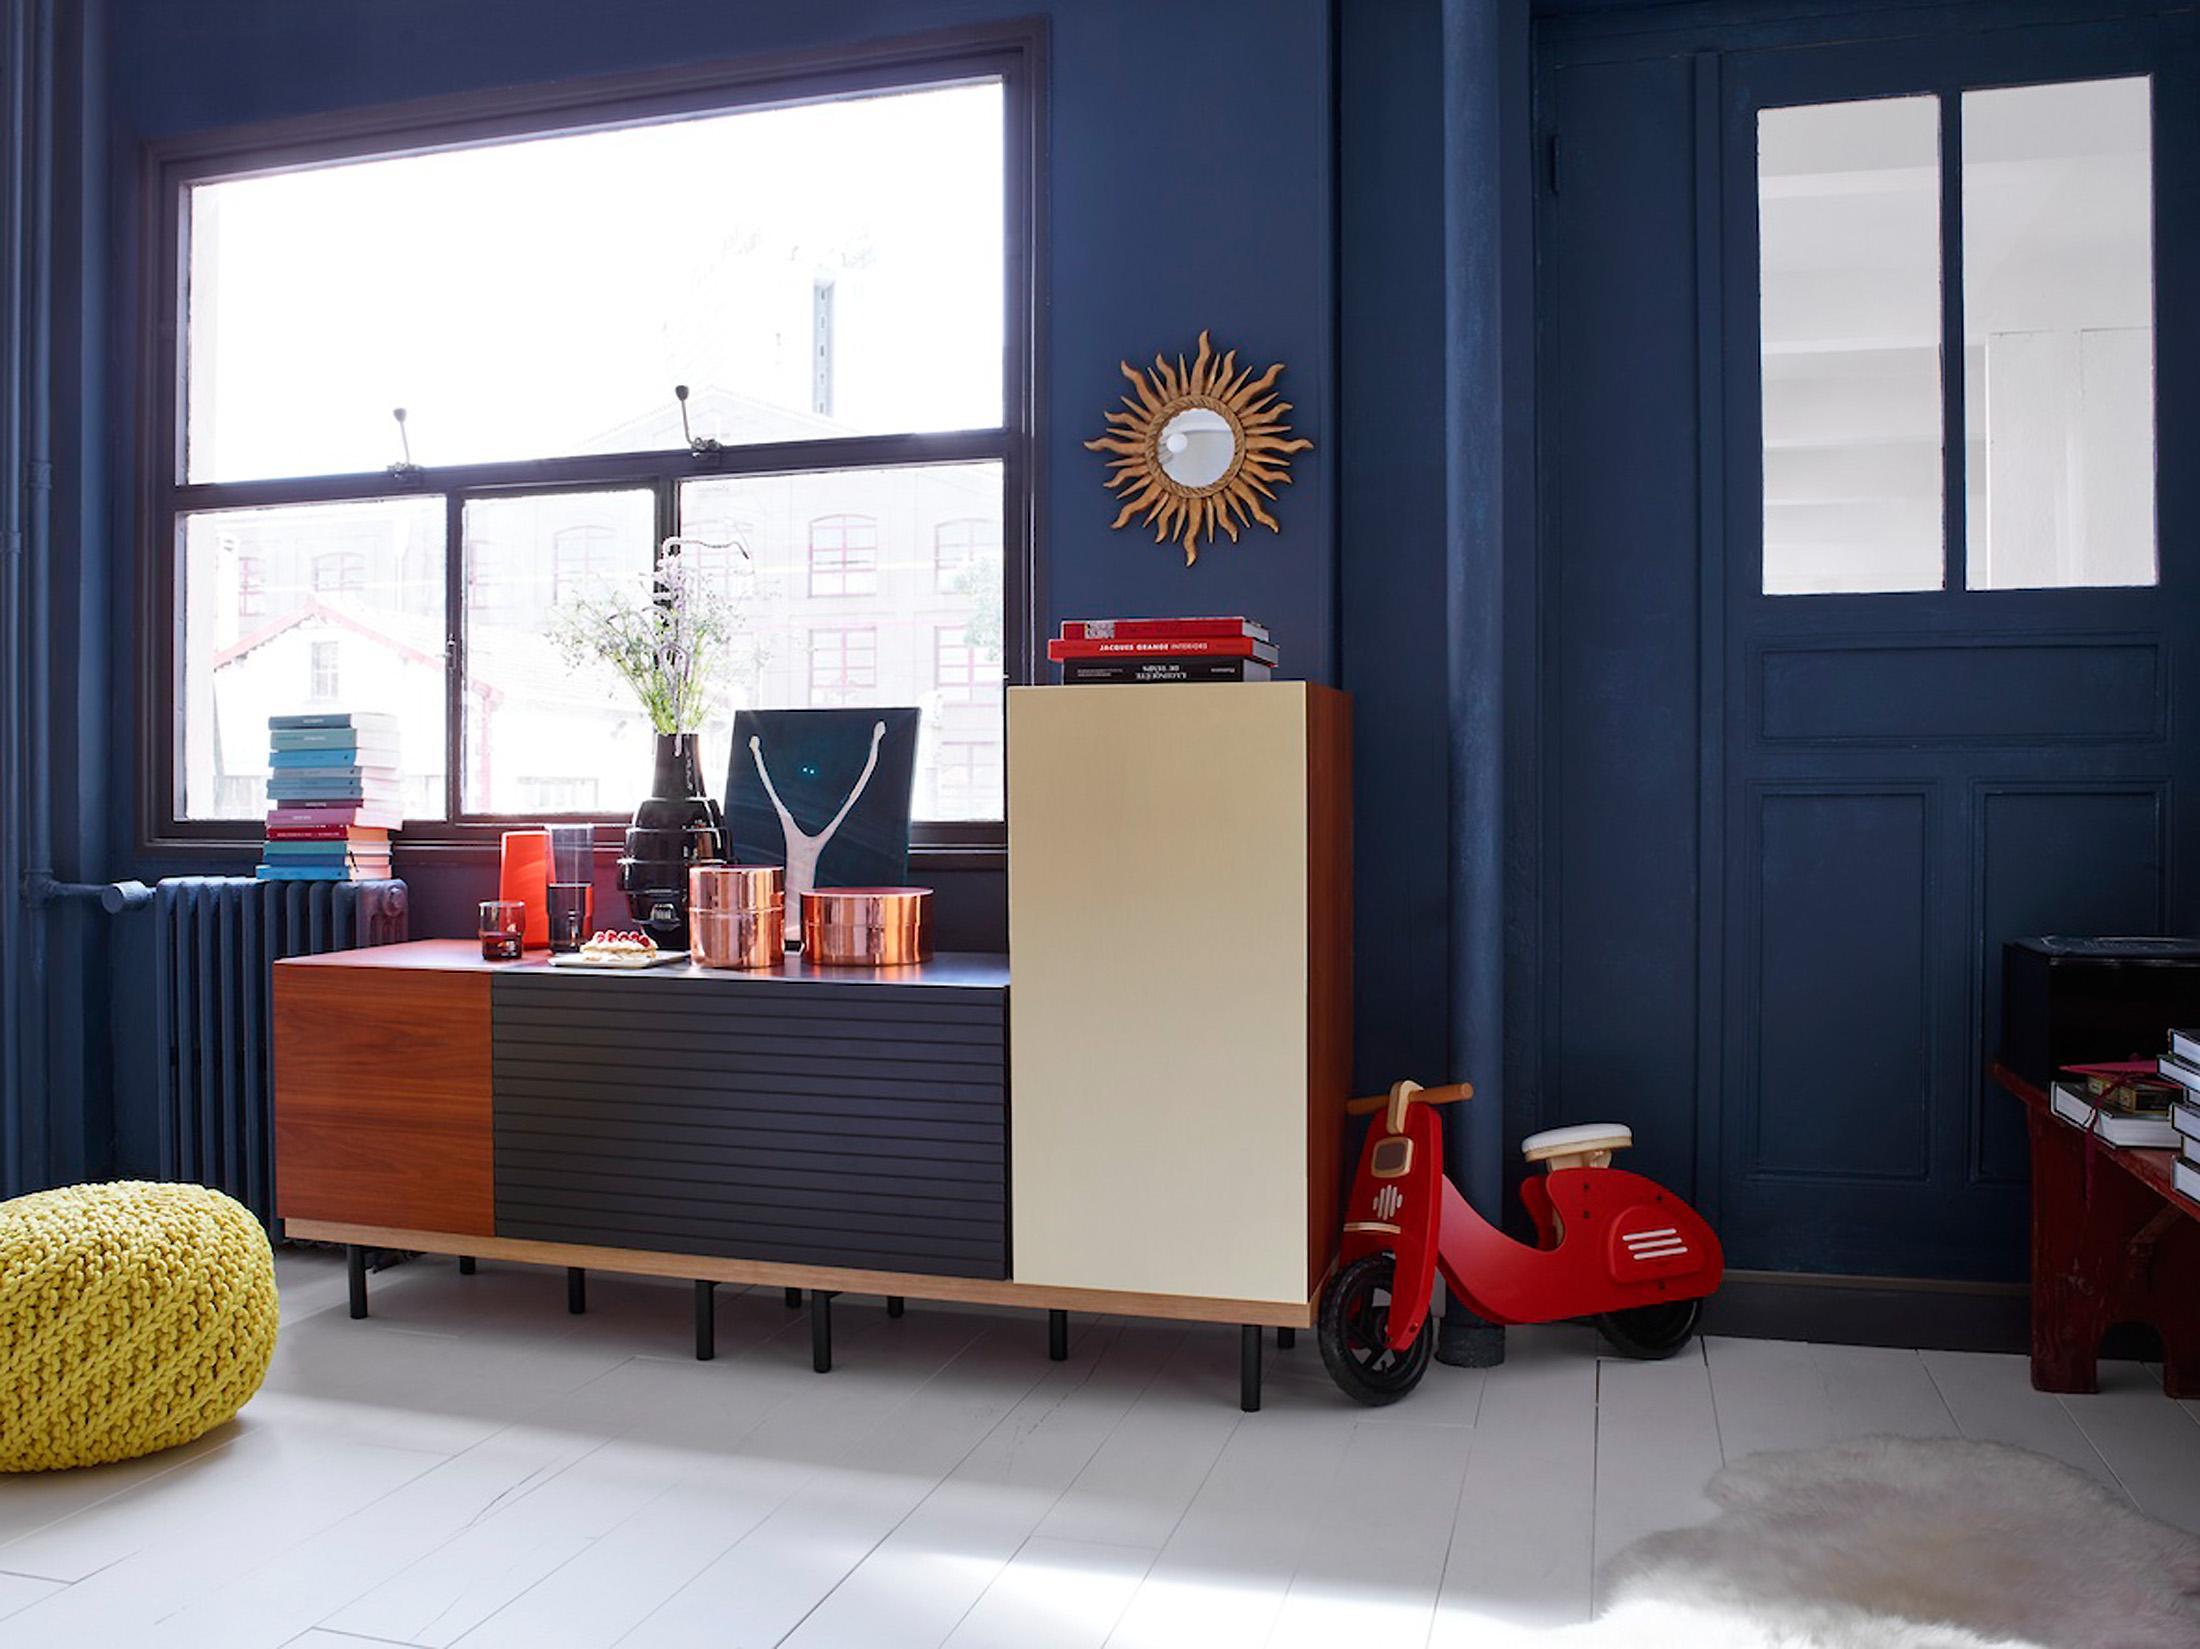 Blaue Wandgestaltung • Bilder & Ideen • Couchstyle